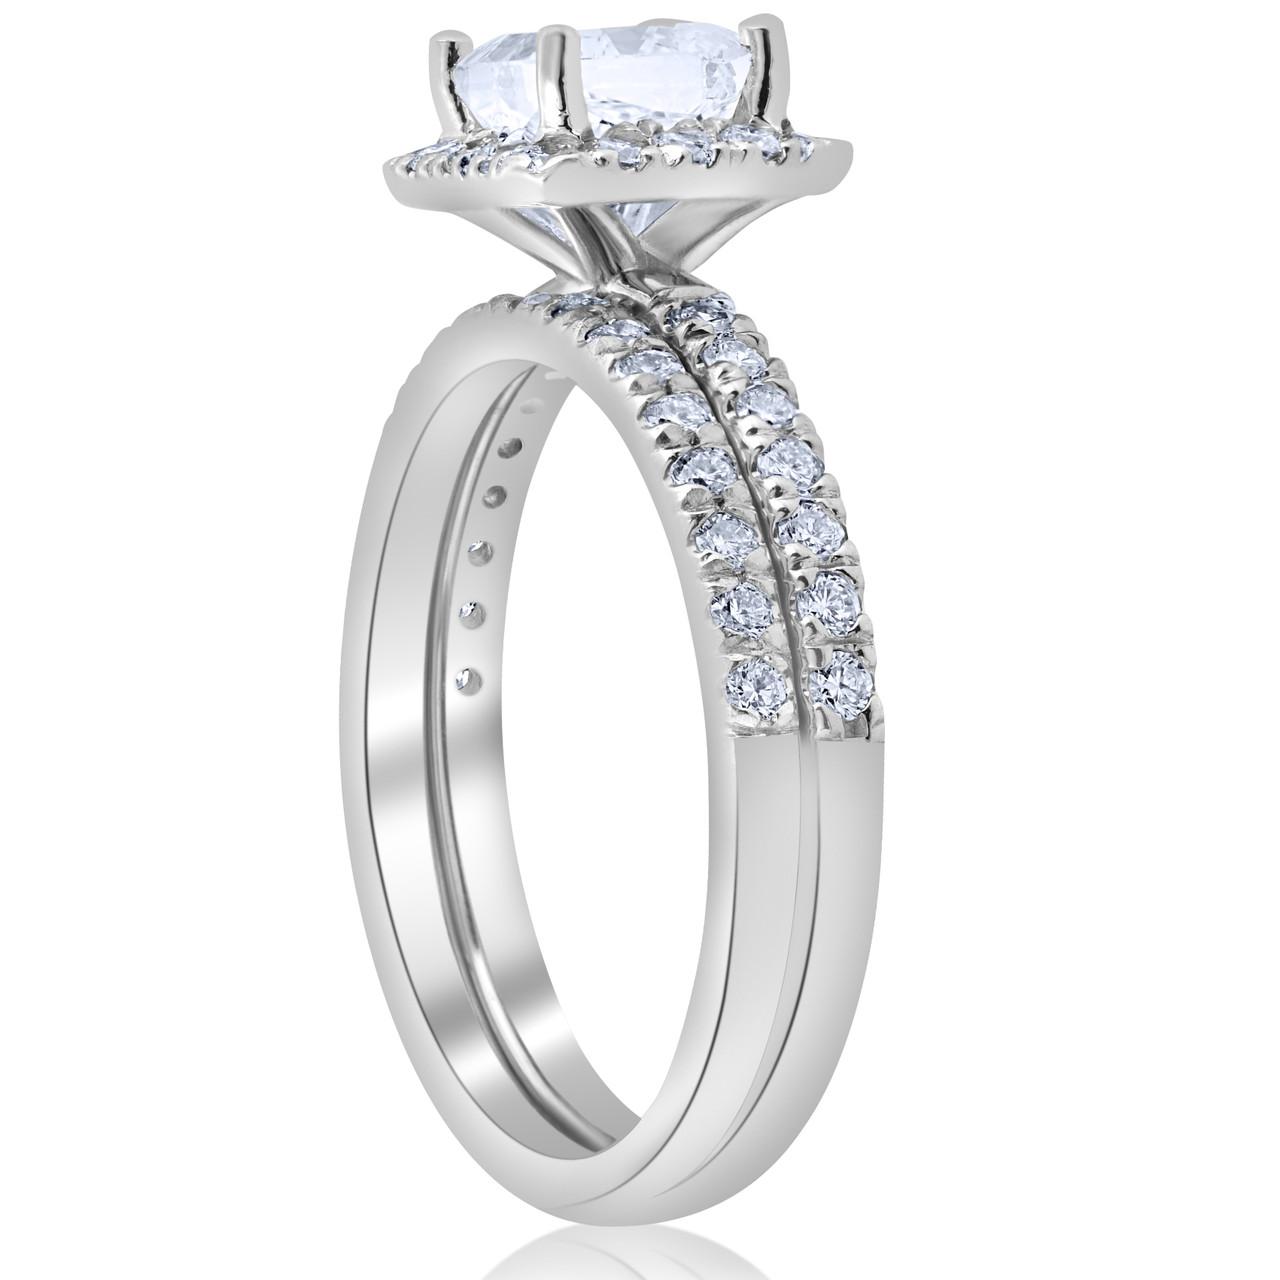 1 5 8ct Certified Princess Cut Diamond Engagement Ring Set 14k White